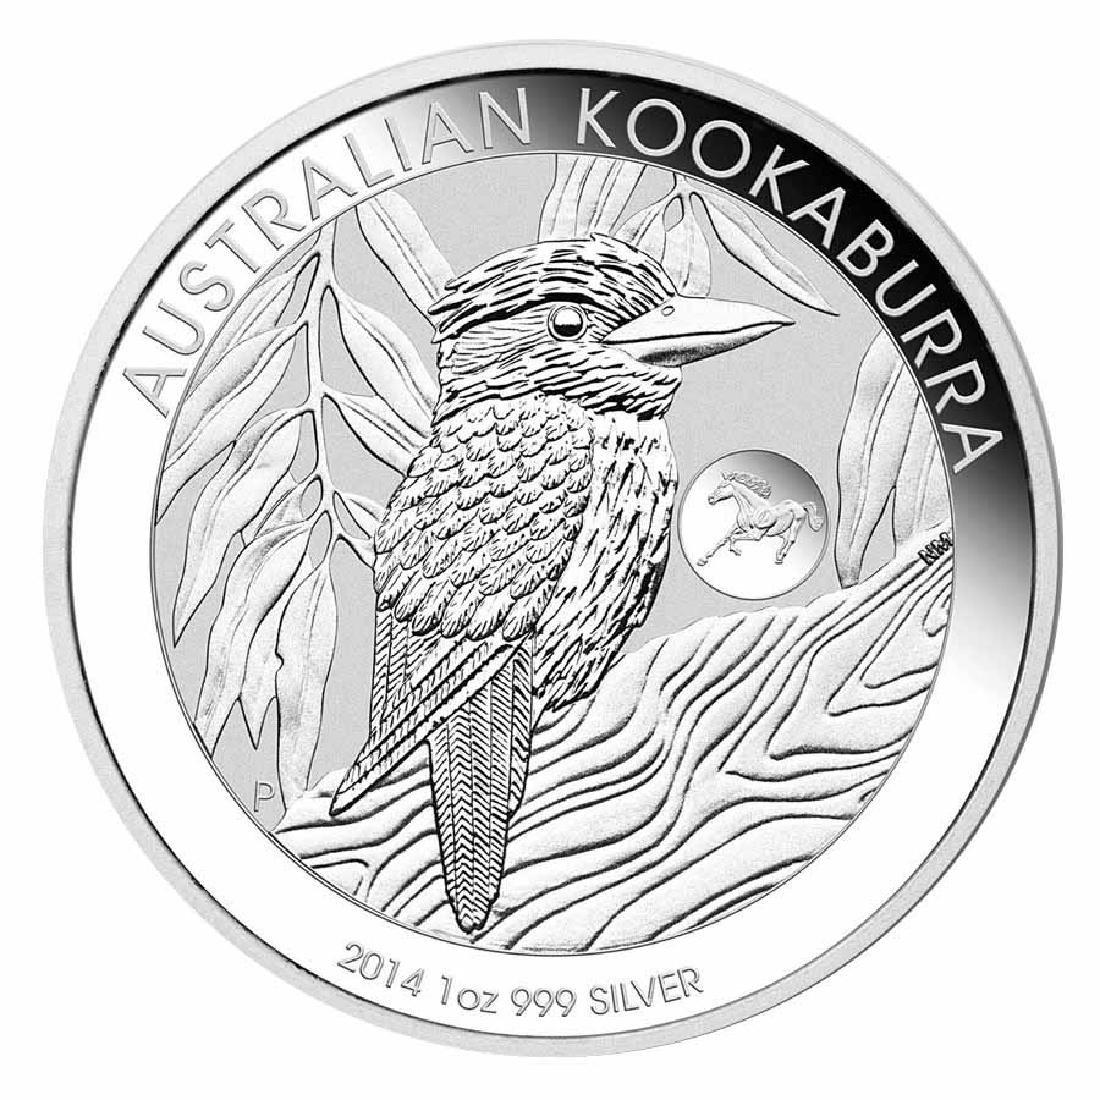 Australian Kookaburra 1 oz. Silver 2014 - Horse Privy M